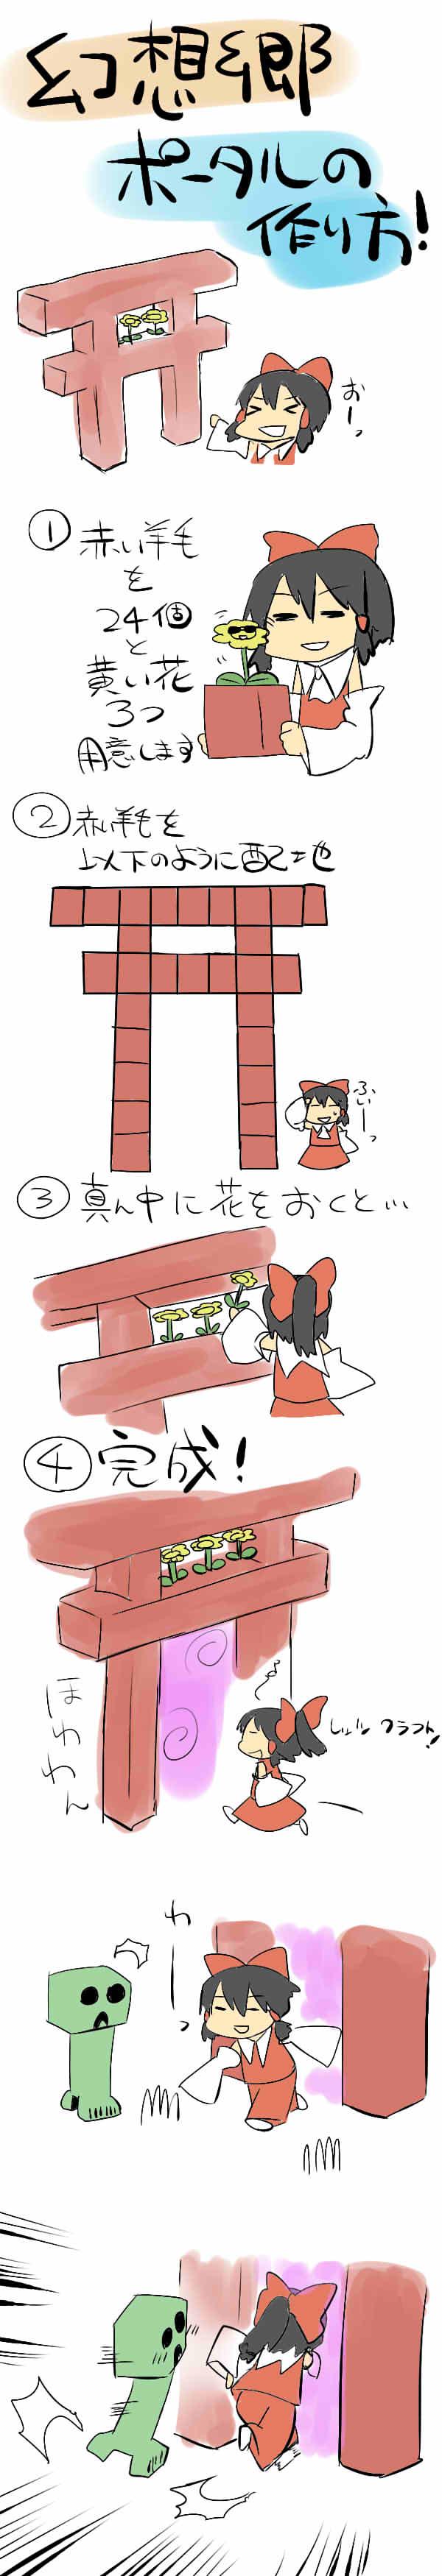 幻想郷ポータル